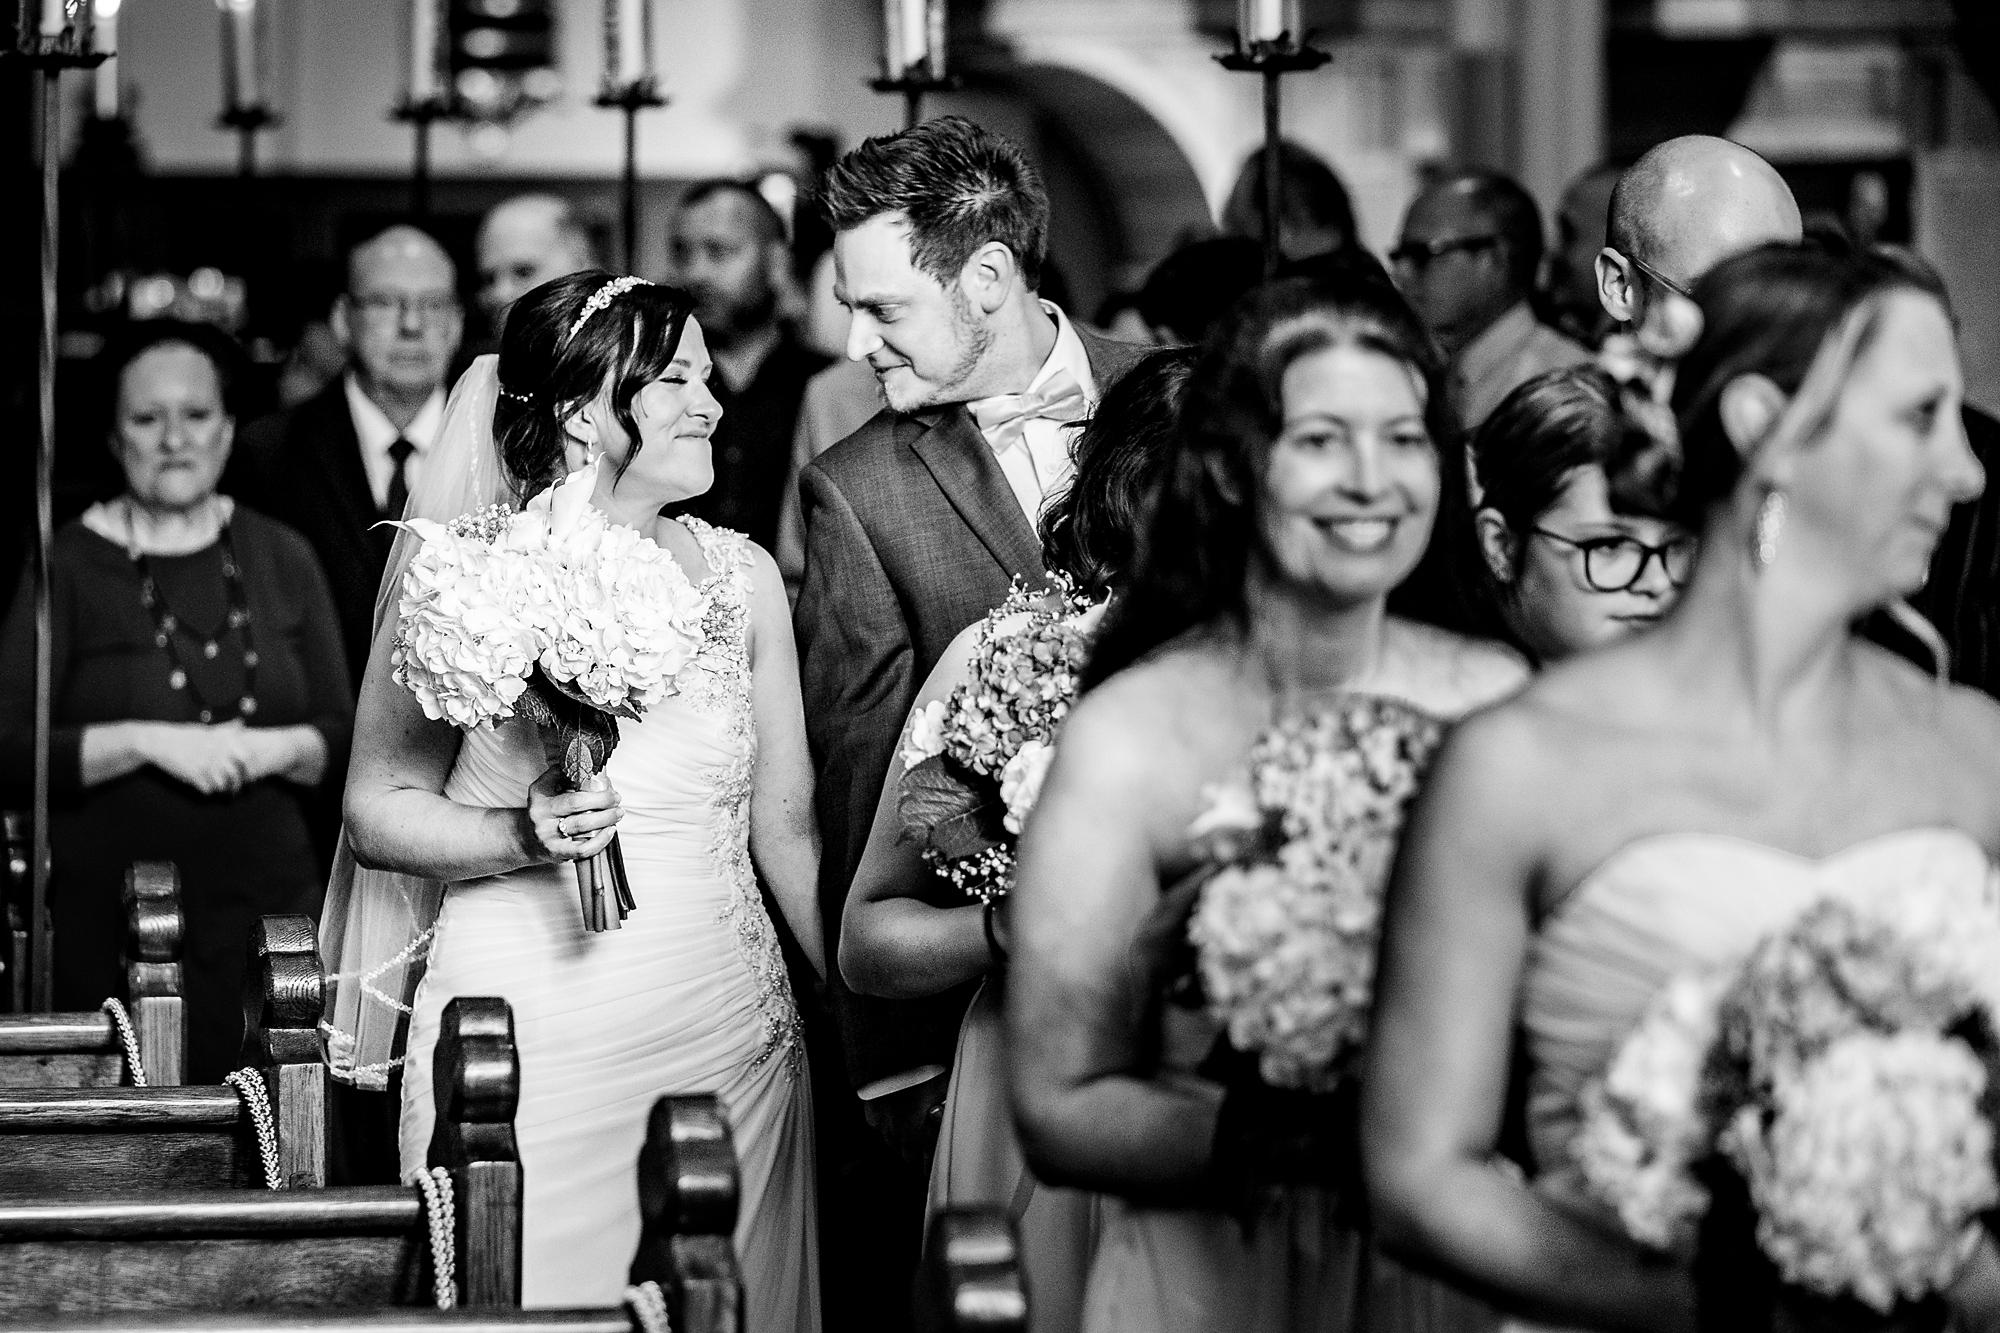 Trinity-Episcopal-Church-Covington-KY-Wedding-Photographer-7.jpg